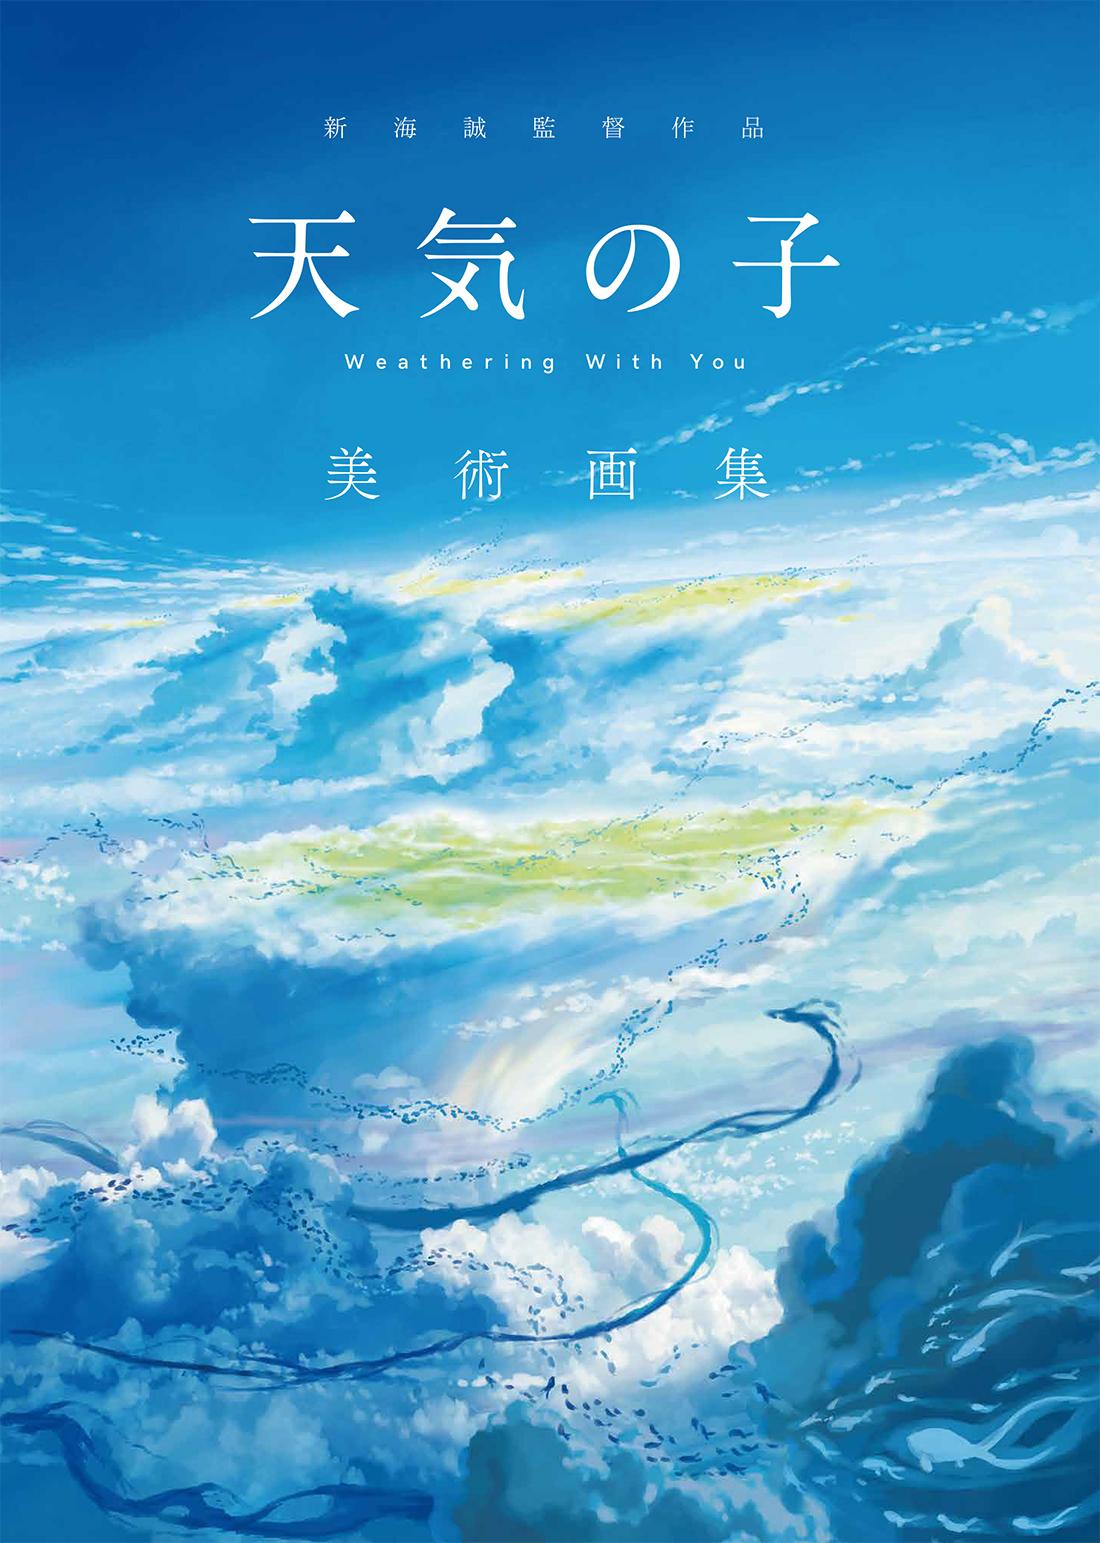 株式会社KADOKAWA様_『天気の子 美術画集』_編集協力・取材